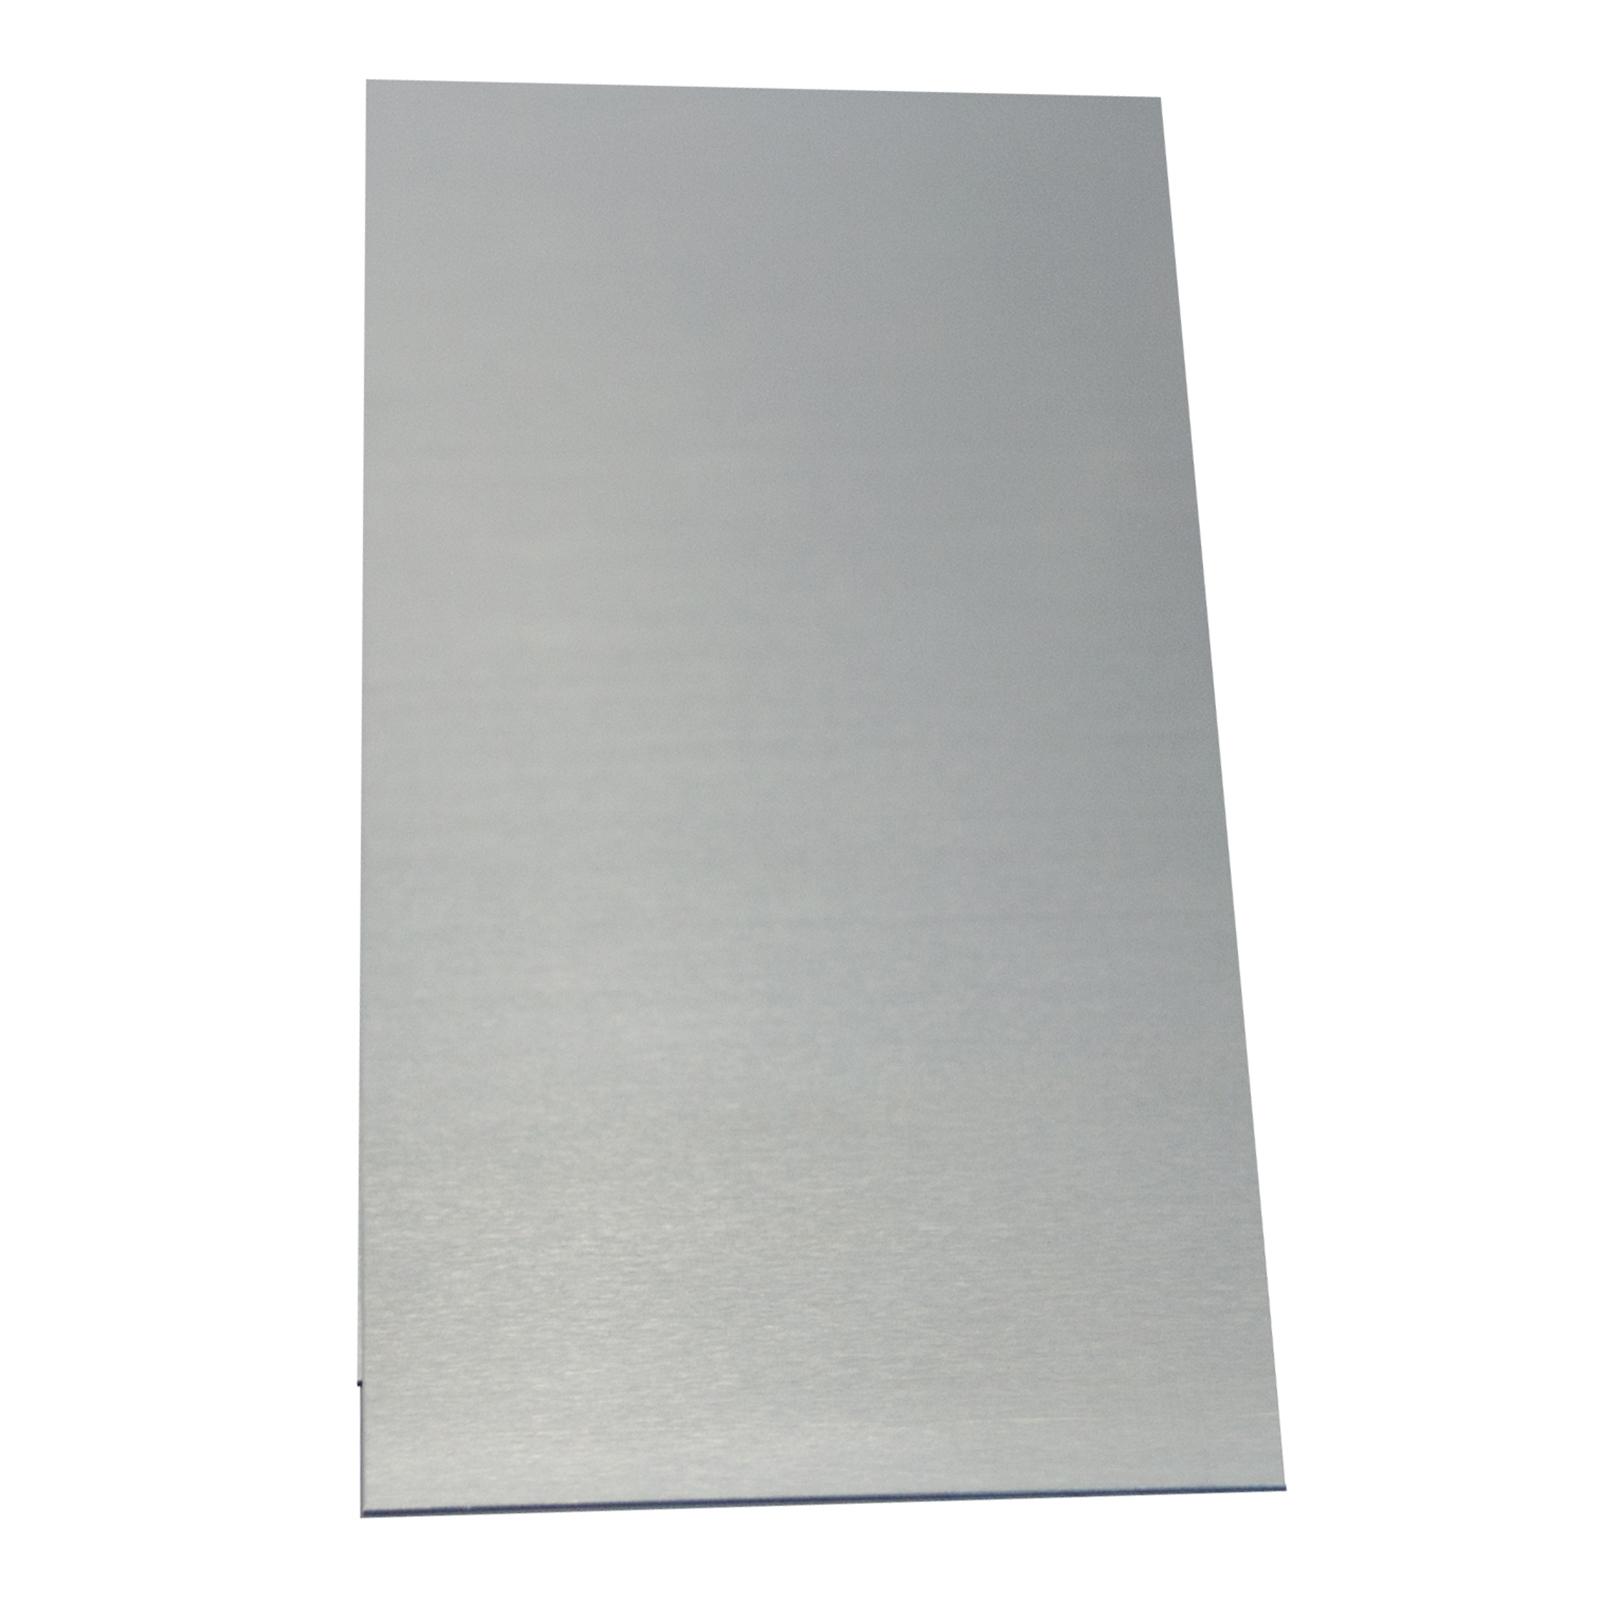 Metal Mate 0.5 x 300 x 900mm Plain Aluminium Sheet